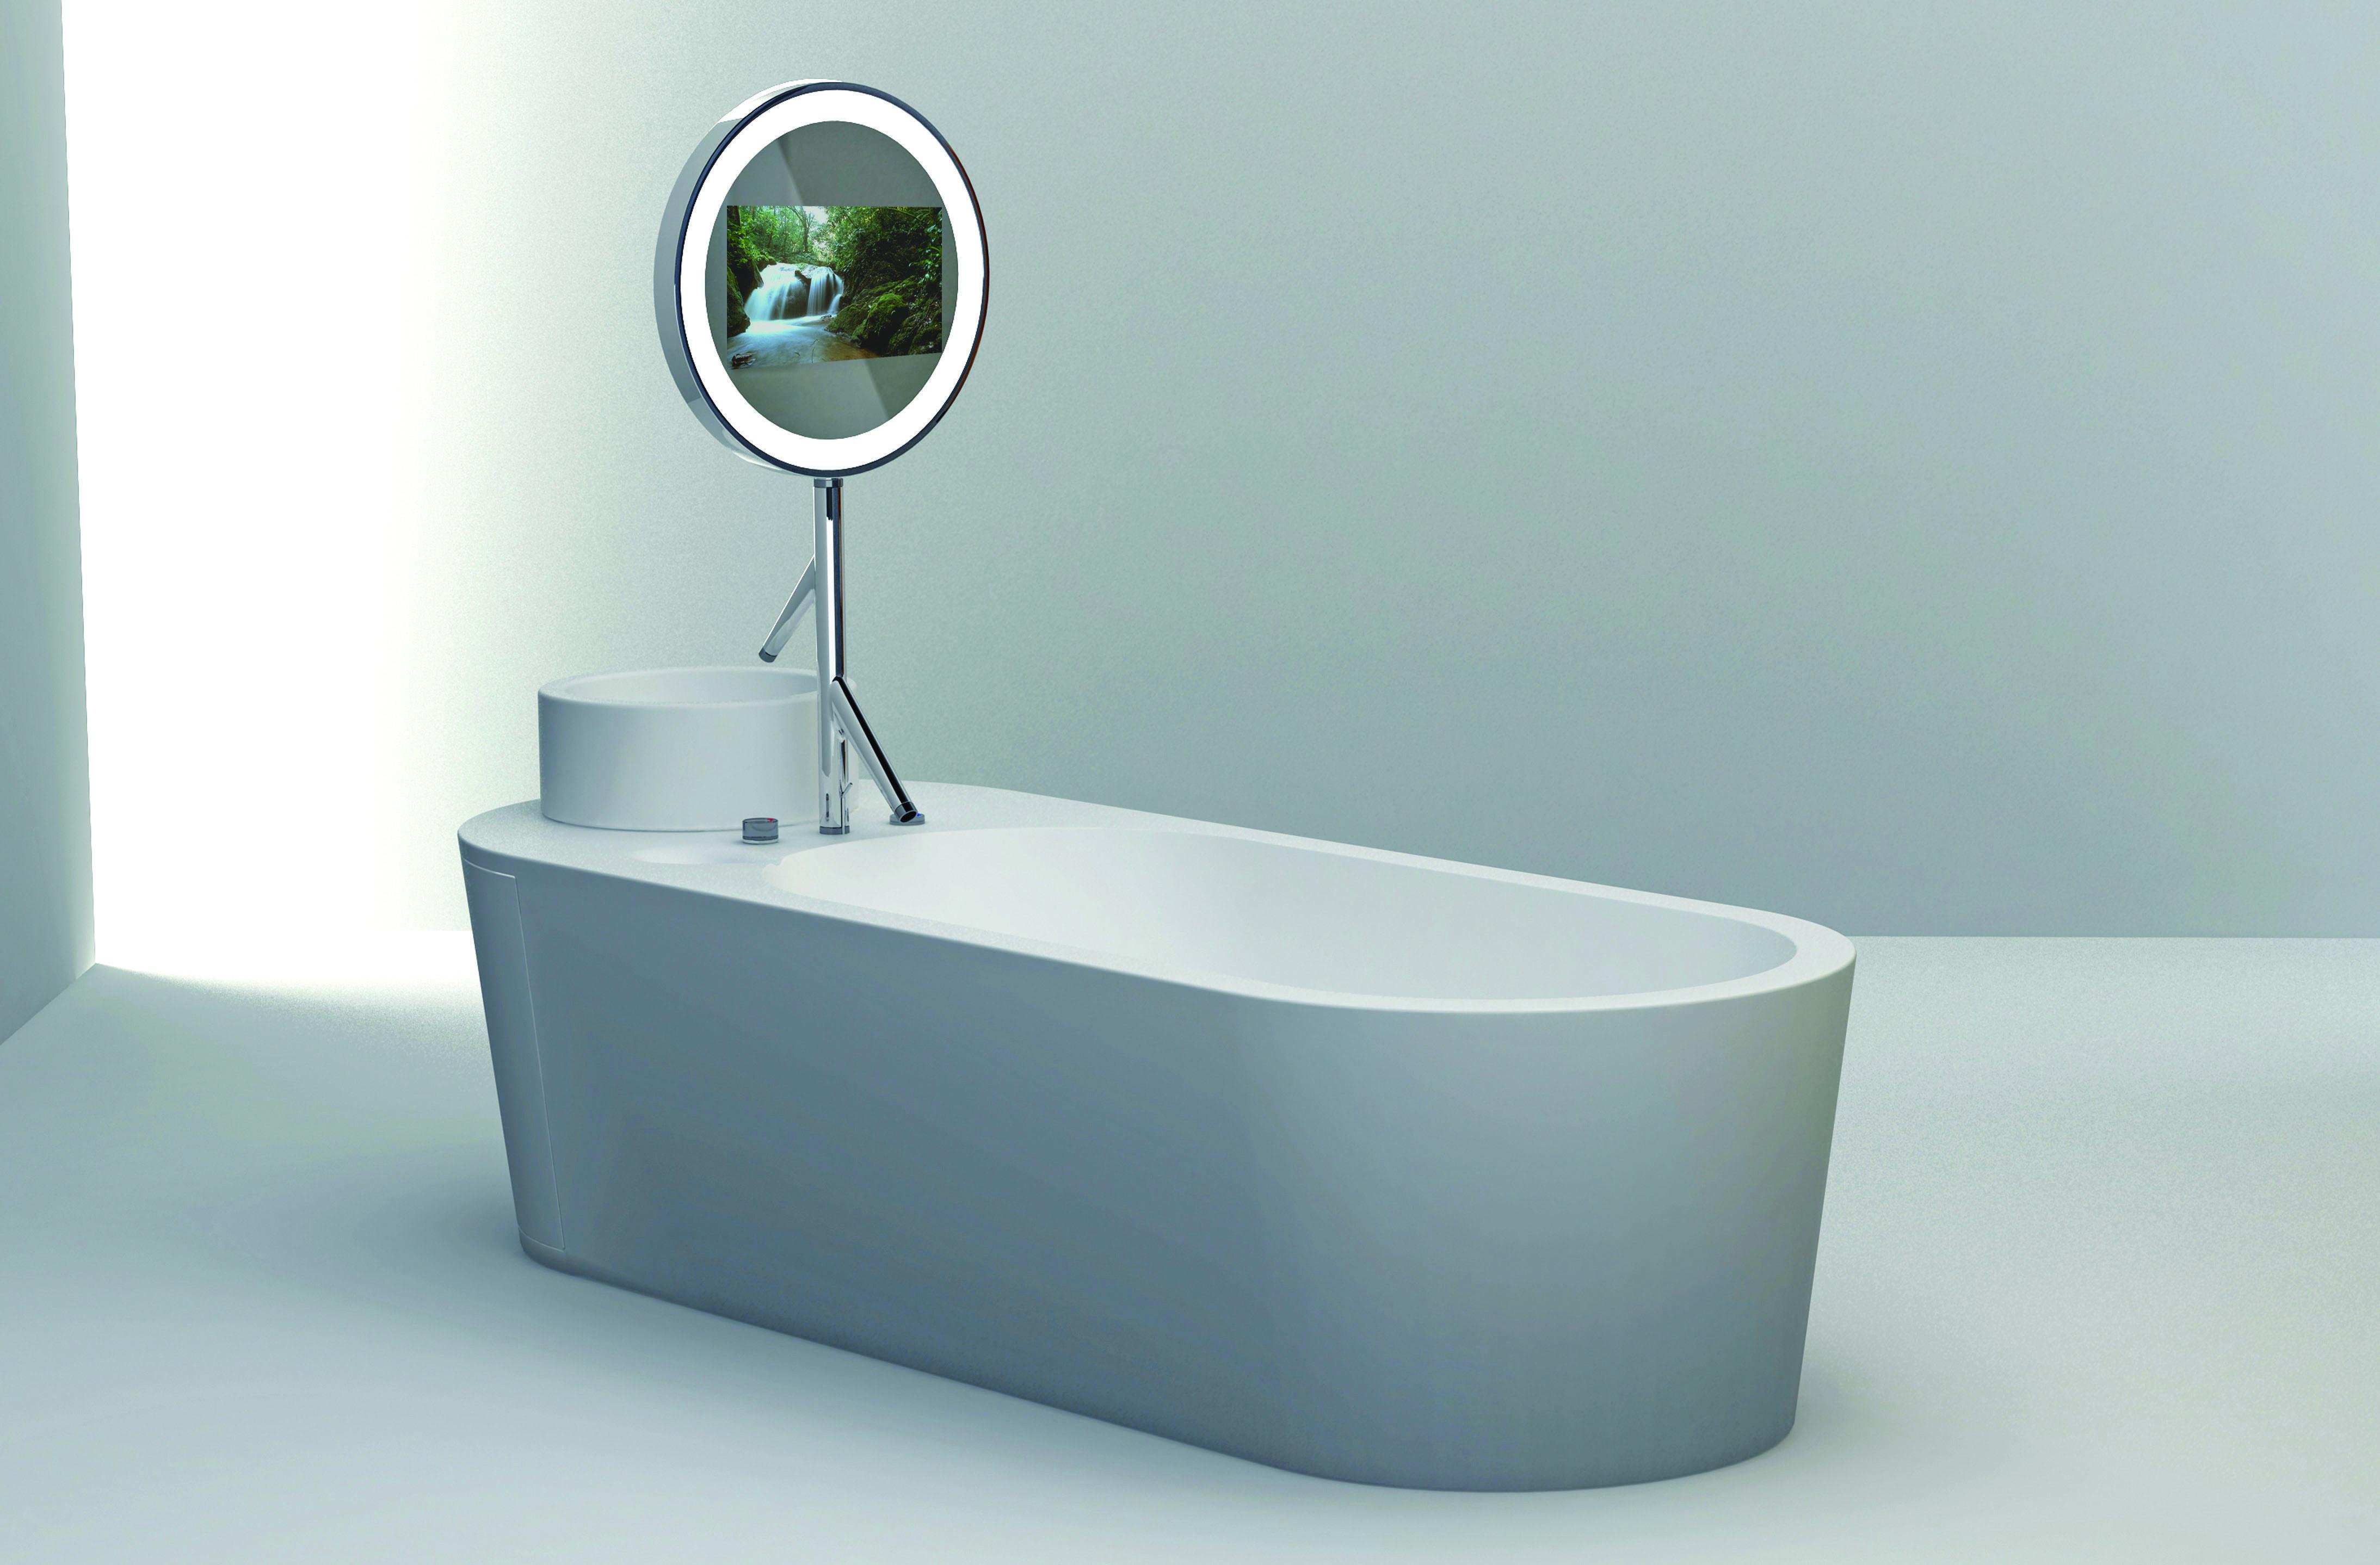 Ideas for the warehouse bathroom | Bathroom | Pinterest | Warehouse